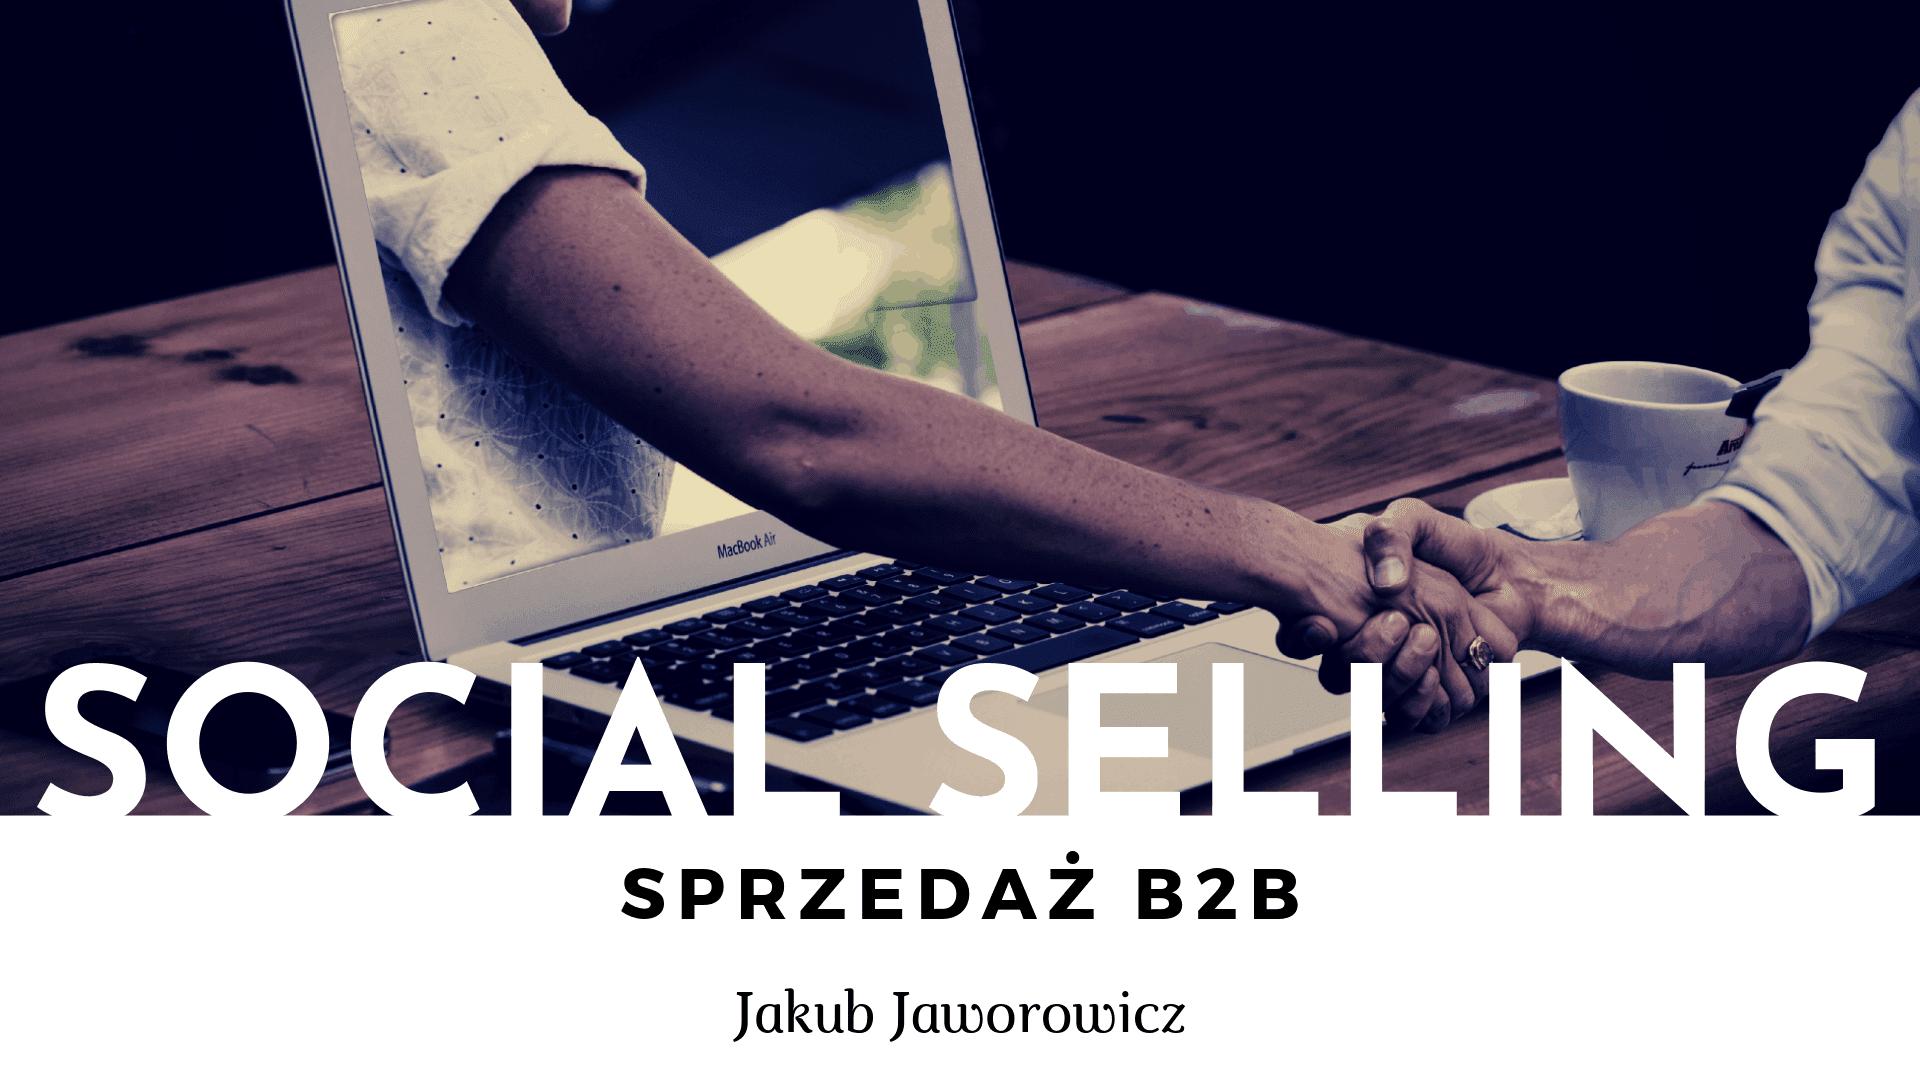 Czym jest Social selling ijak go wykorzystać wsprzedaży b2b